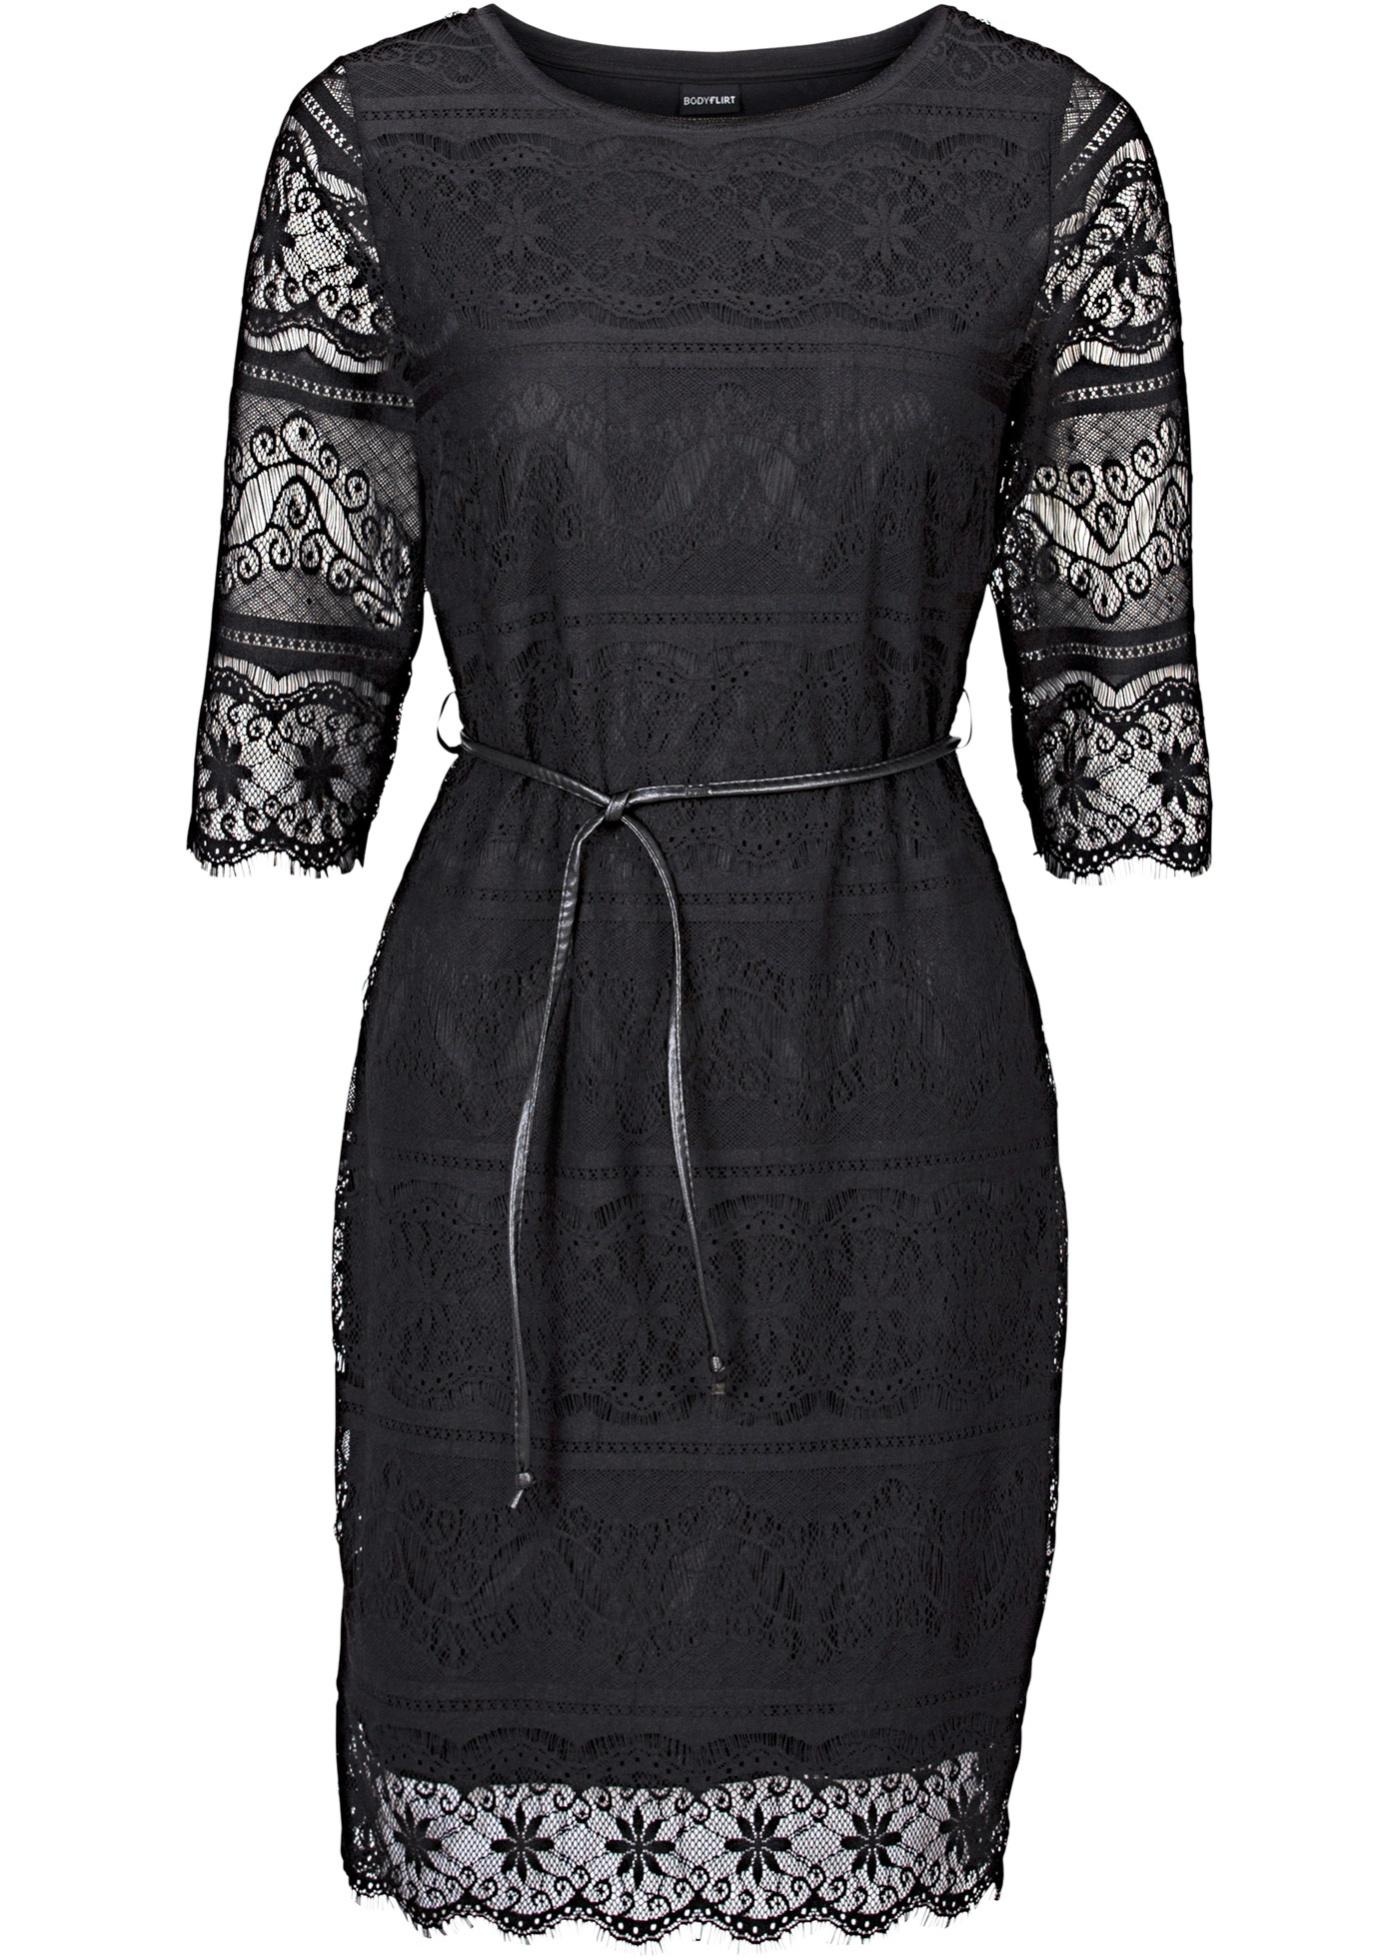 Bodyflirt Shirtkleid mit Spitze 3/4 Arm  in schwarz von bonprix